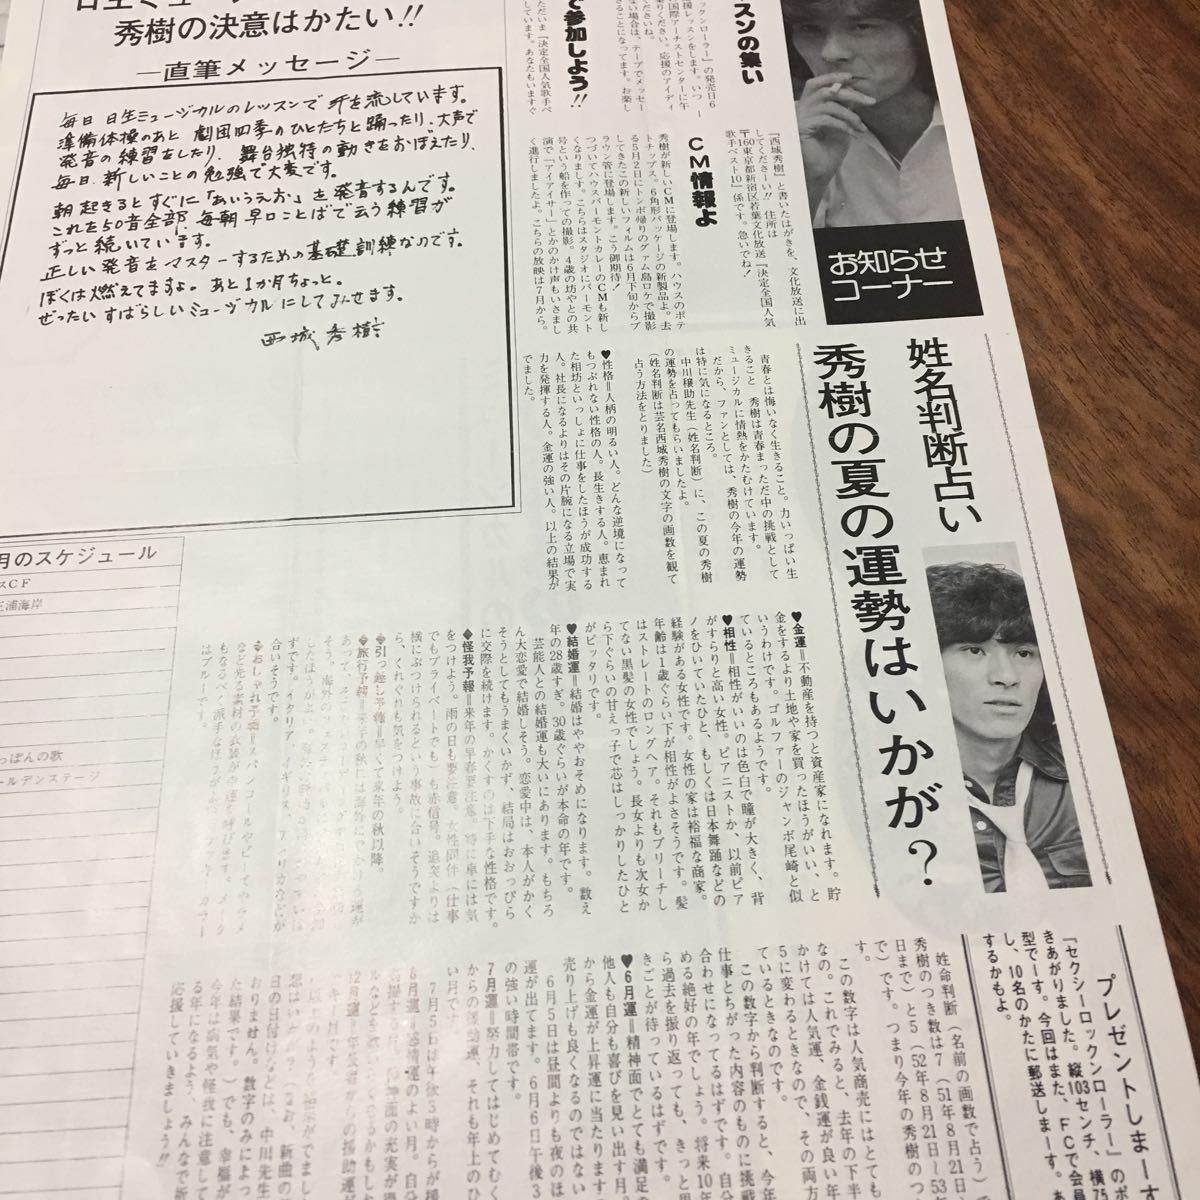 西城秀樹 ファンクラブ会報誌 西城秀樹ニュース 昭和51年 6号~10号_画像7